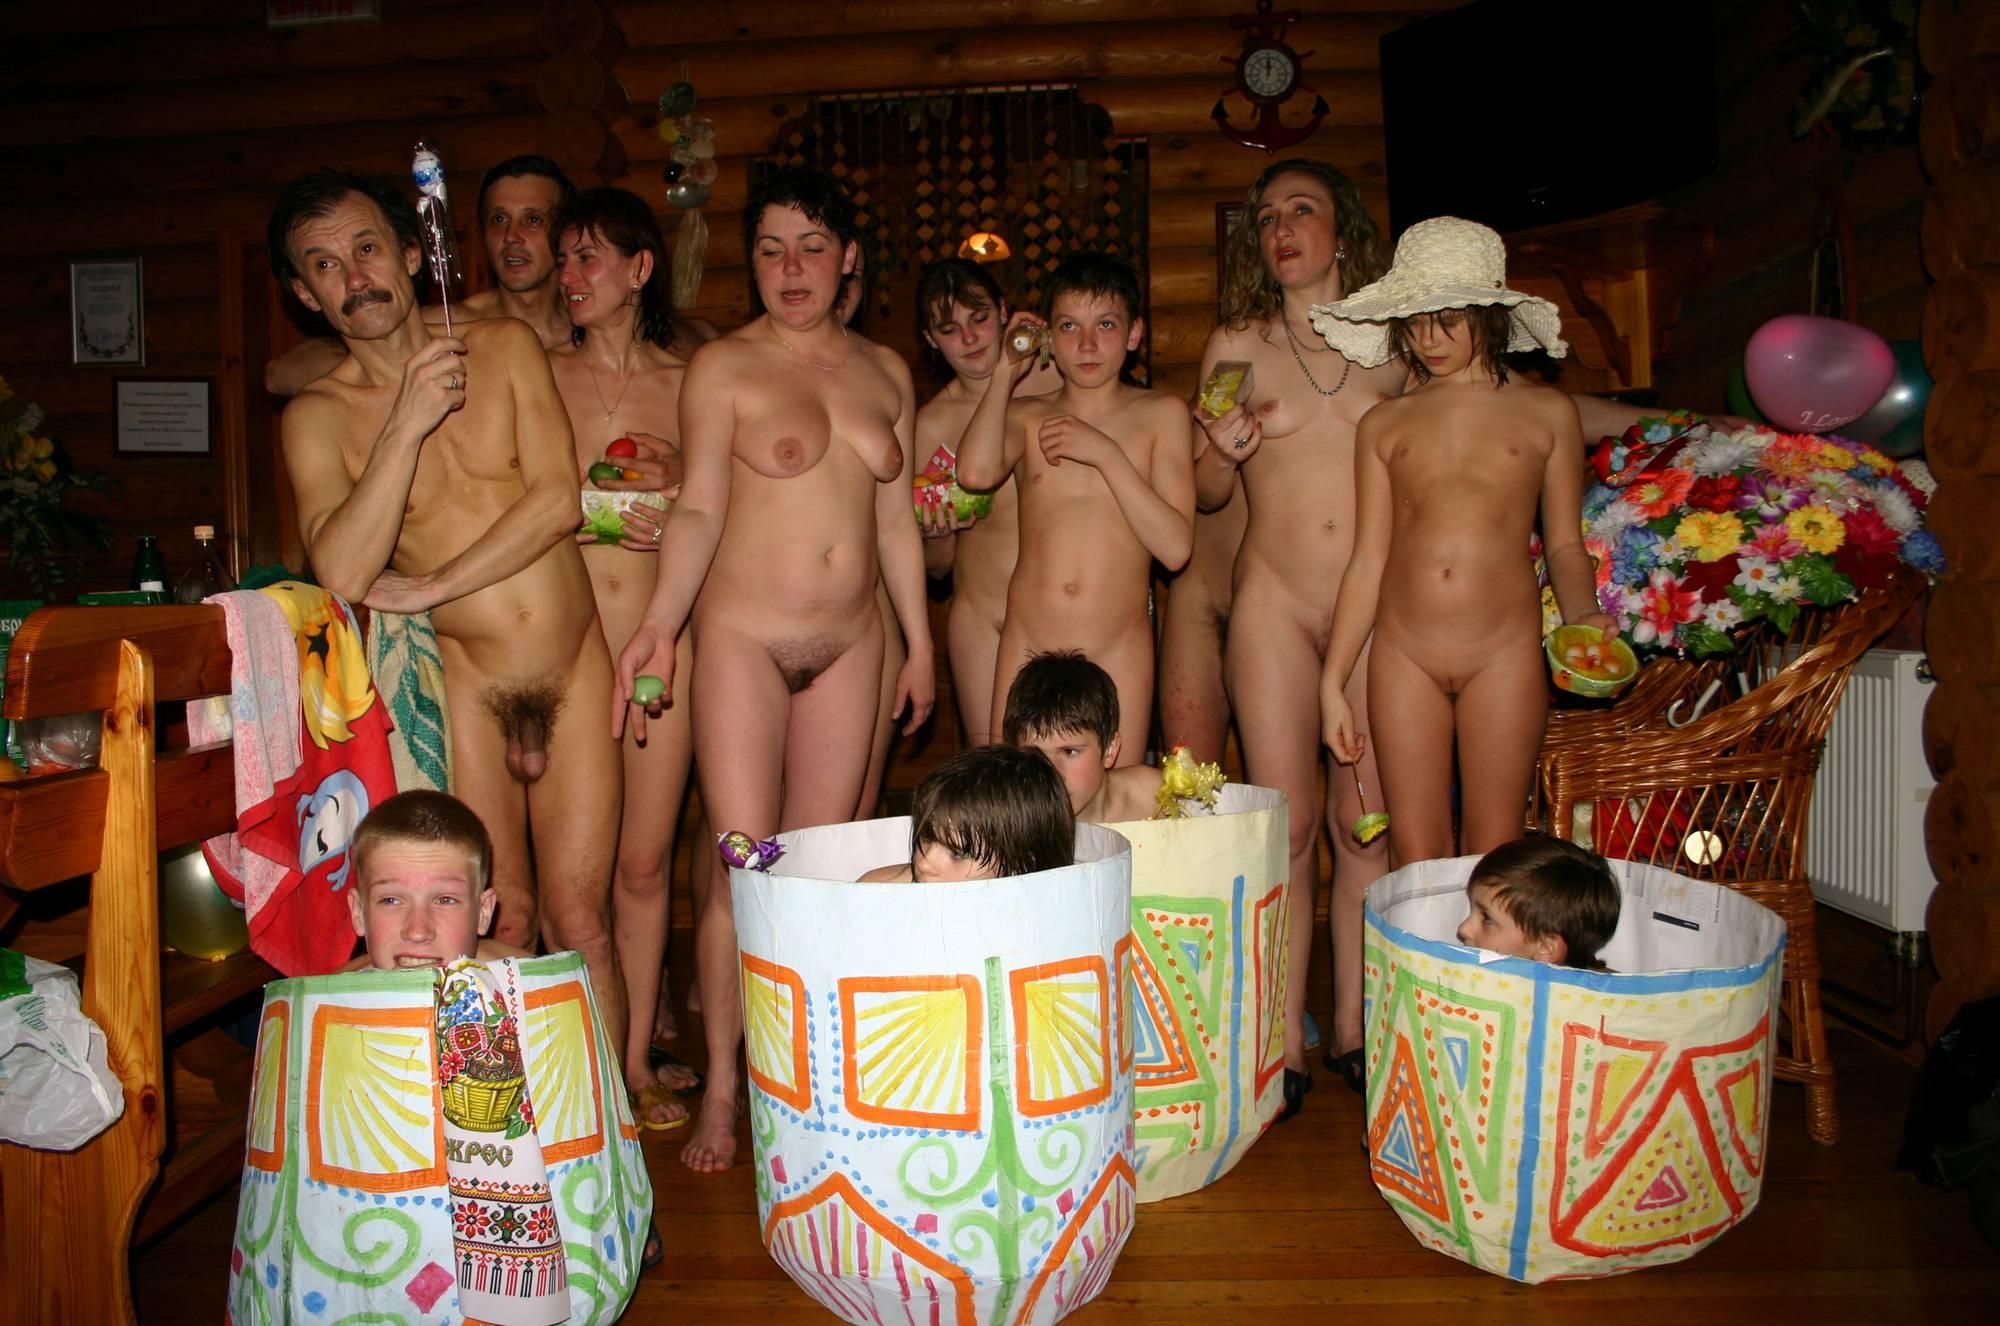 Purenudism Pics Easter Group Memories - 1